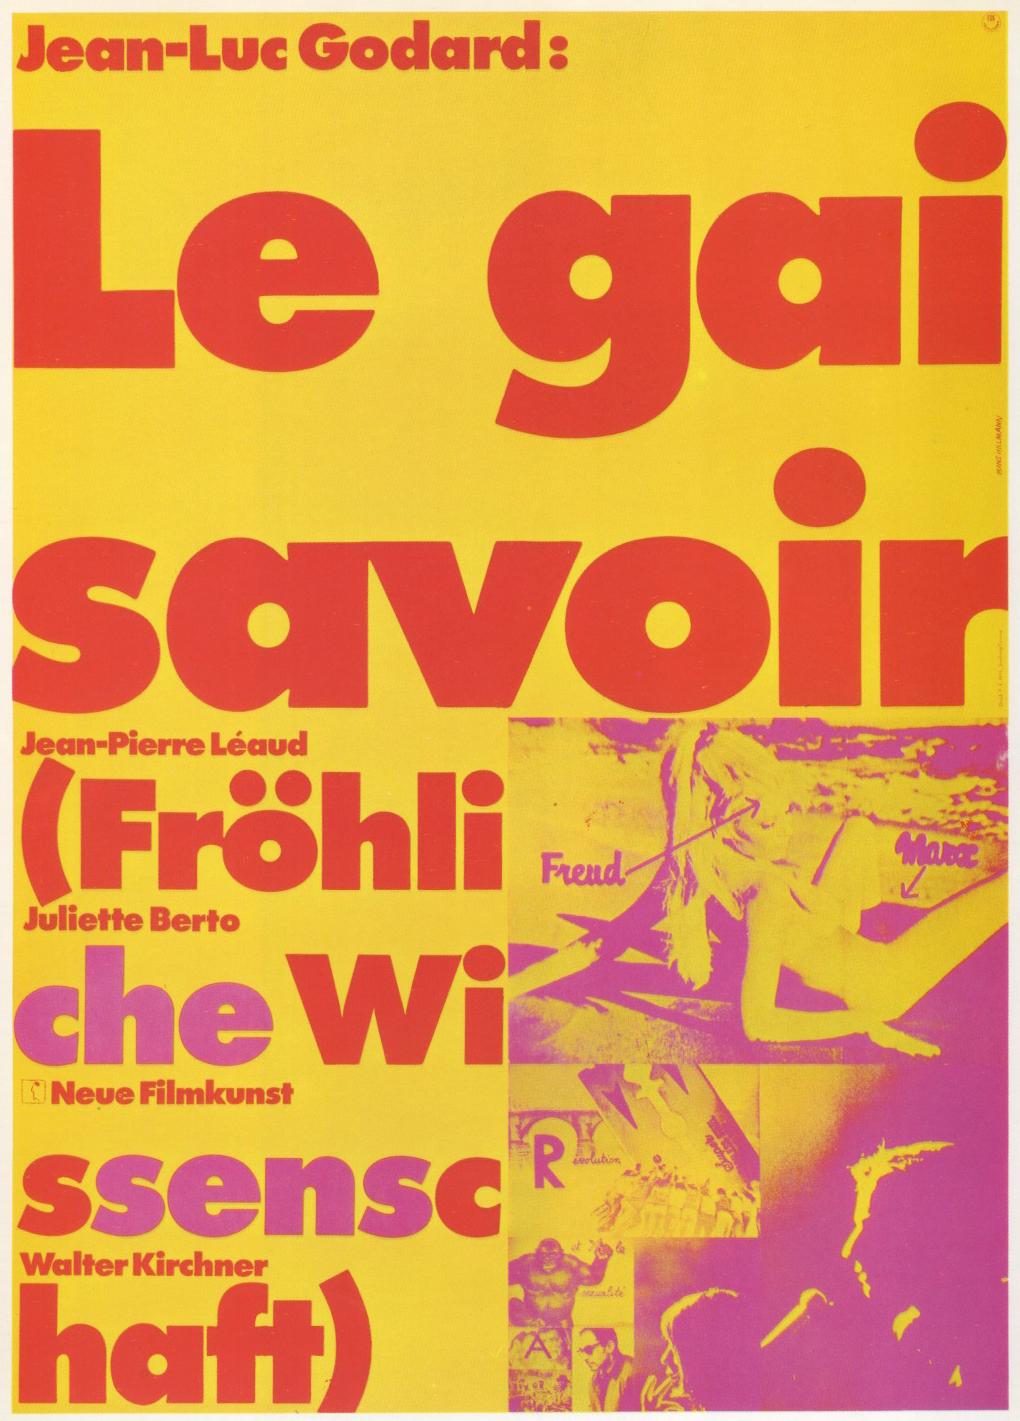 Hans Hillman, poster, Le Gai Savoir, 1969